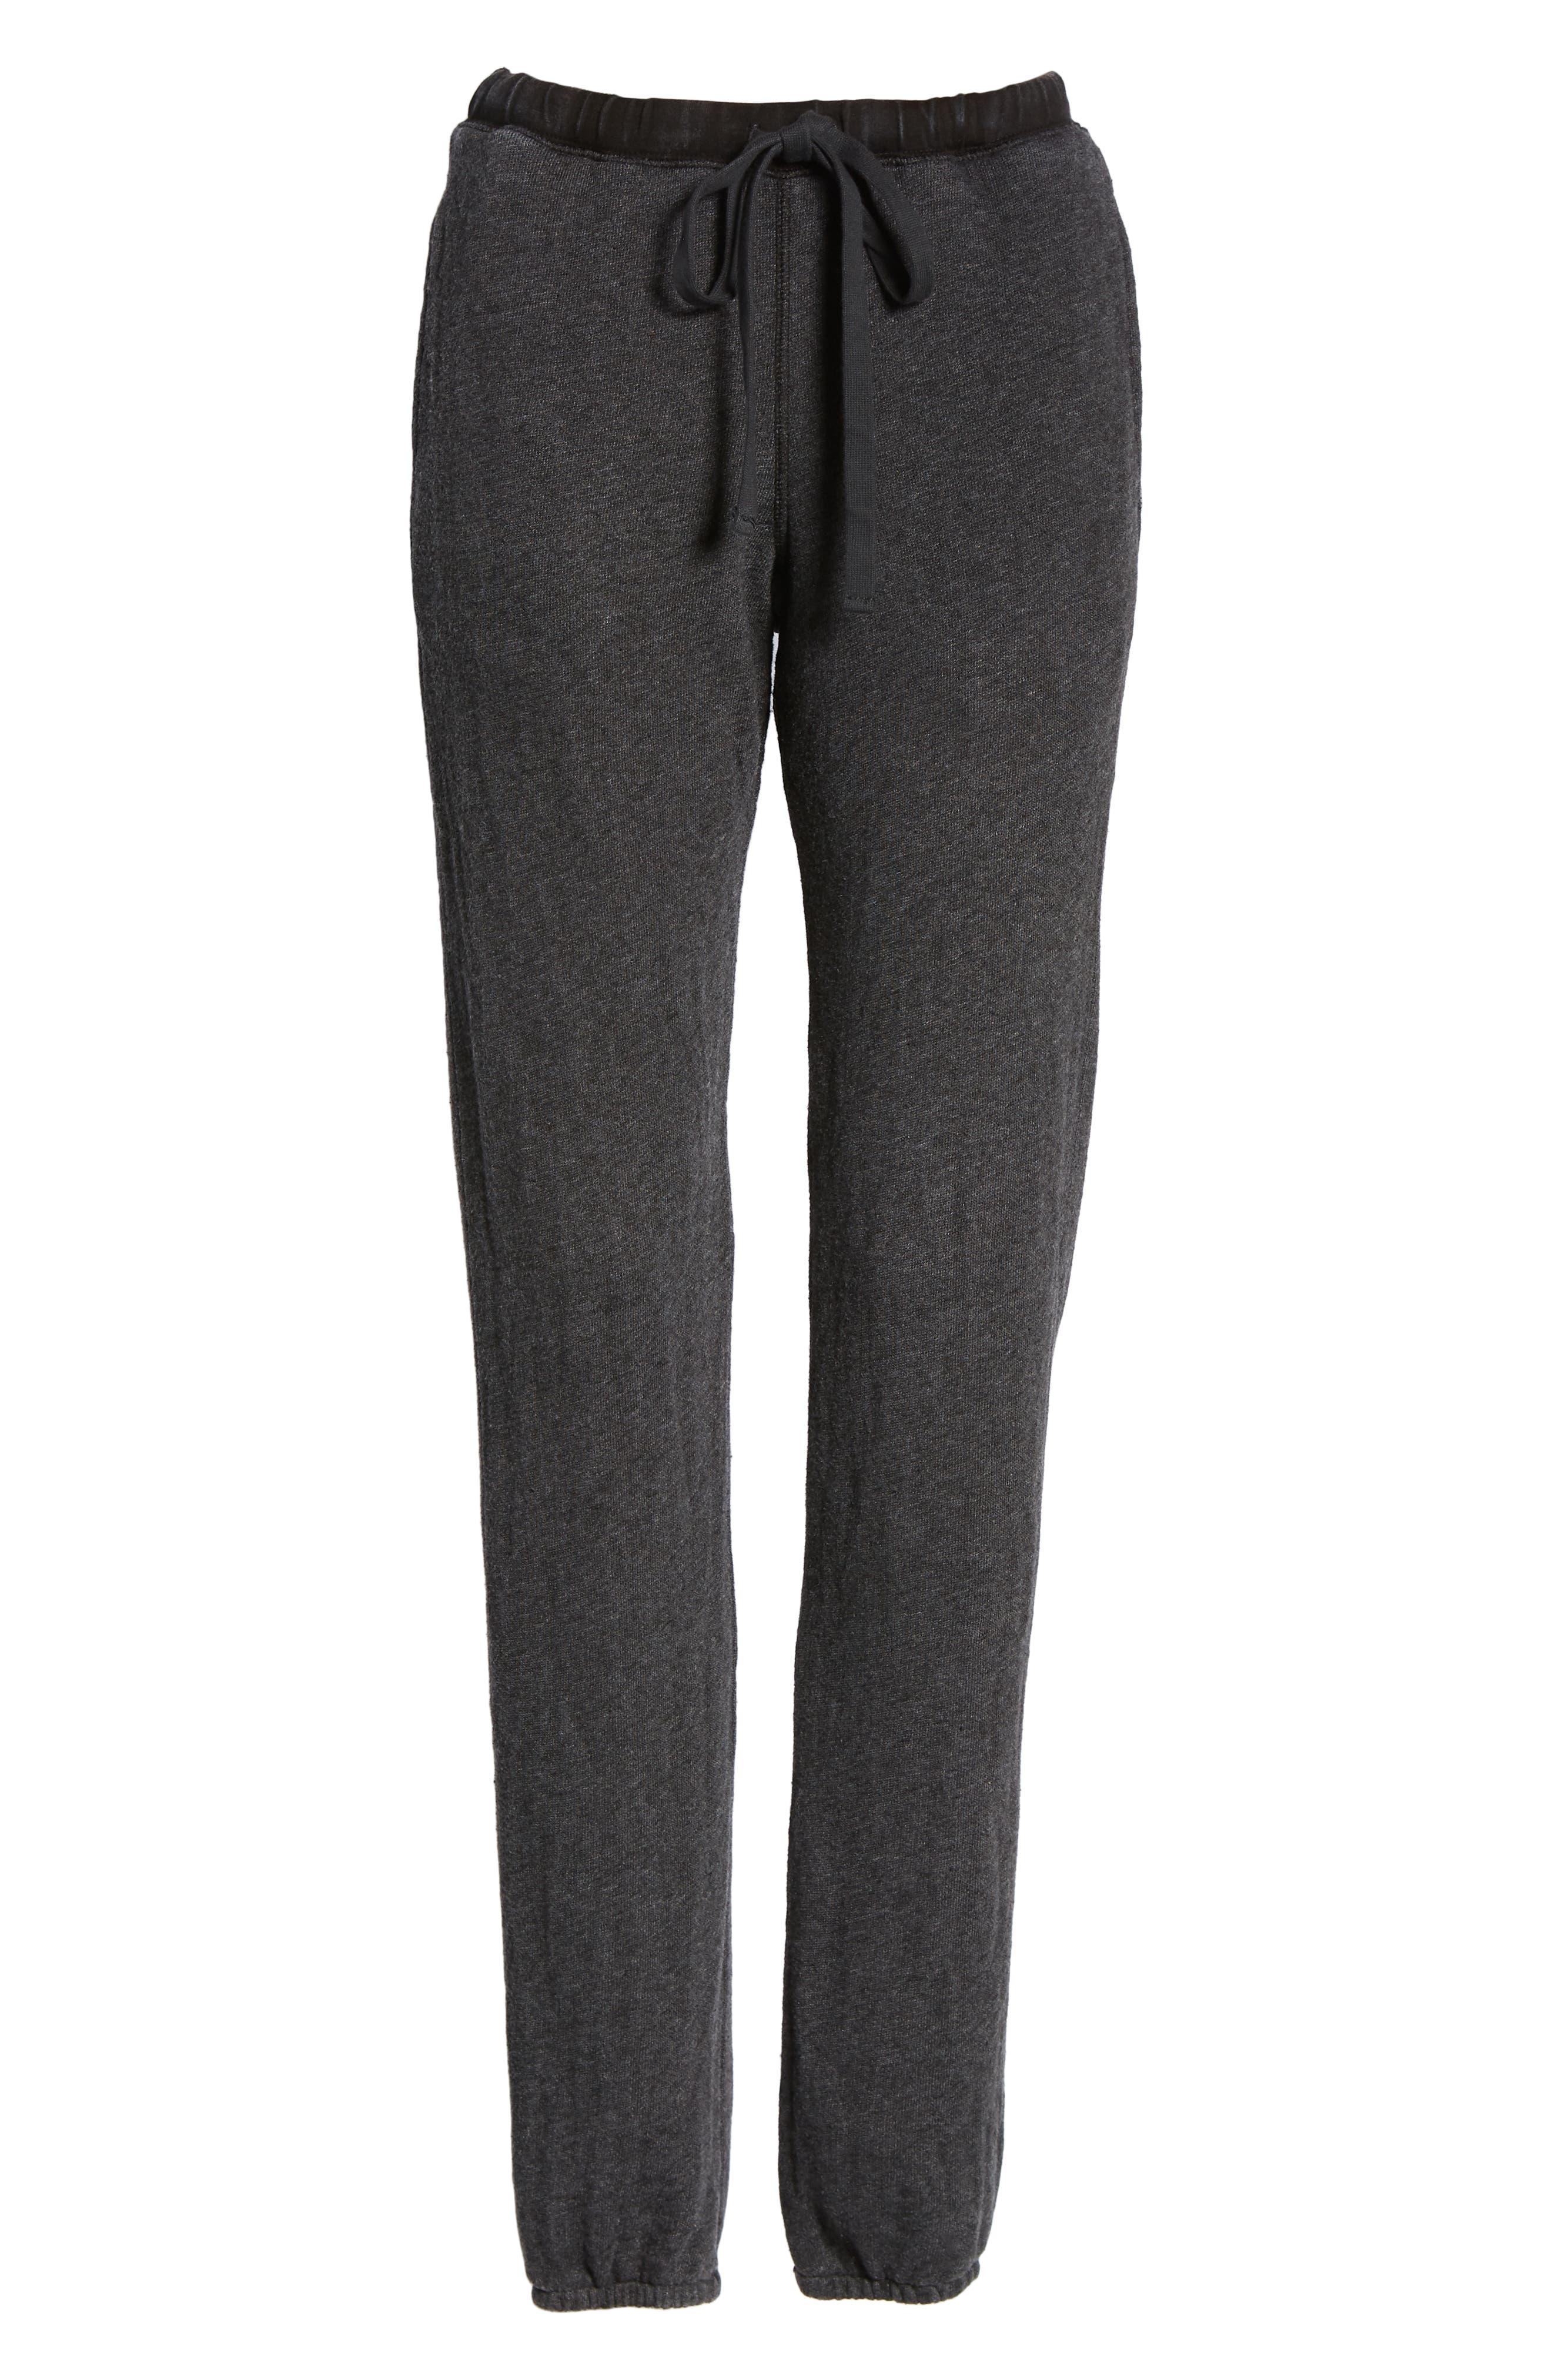 Kiama Lounge Pants,                             Alternate thumbnail 7, color,                             Mw Black